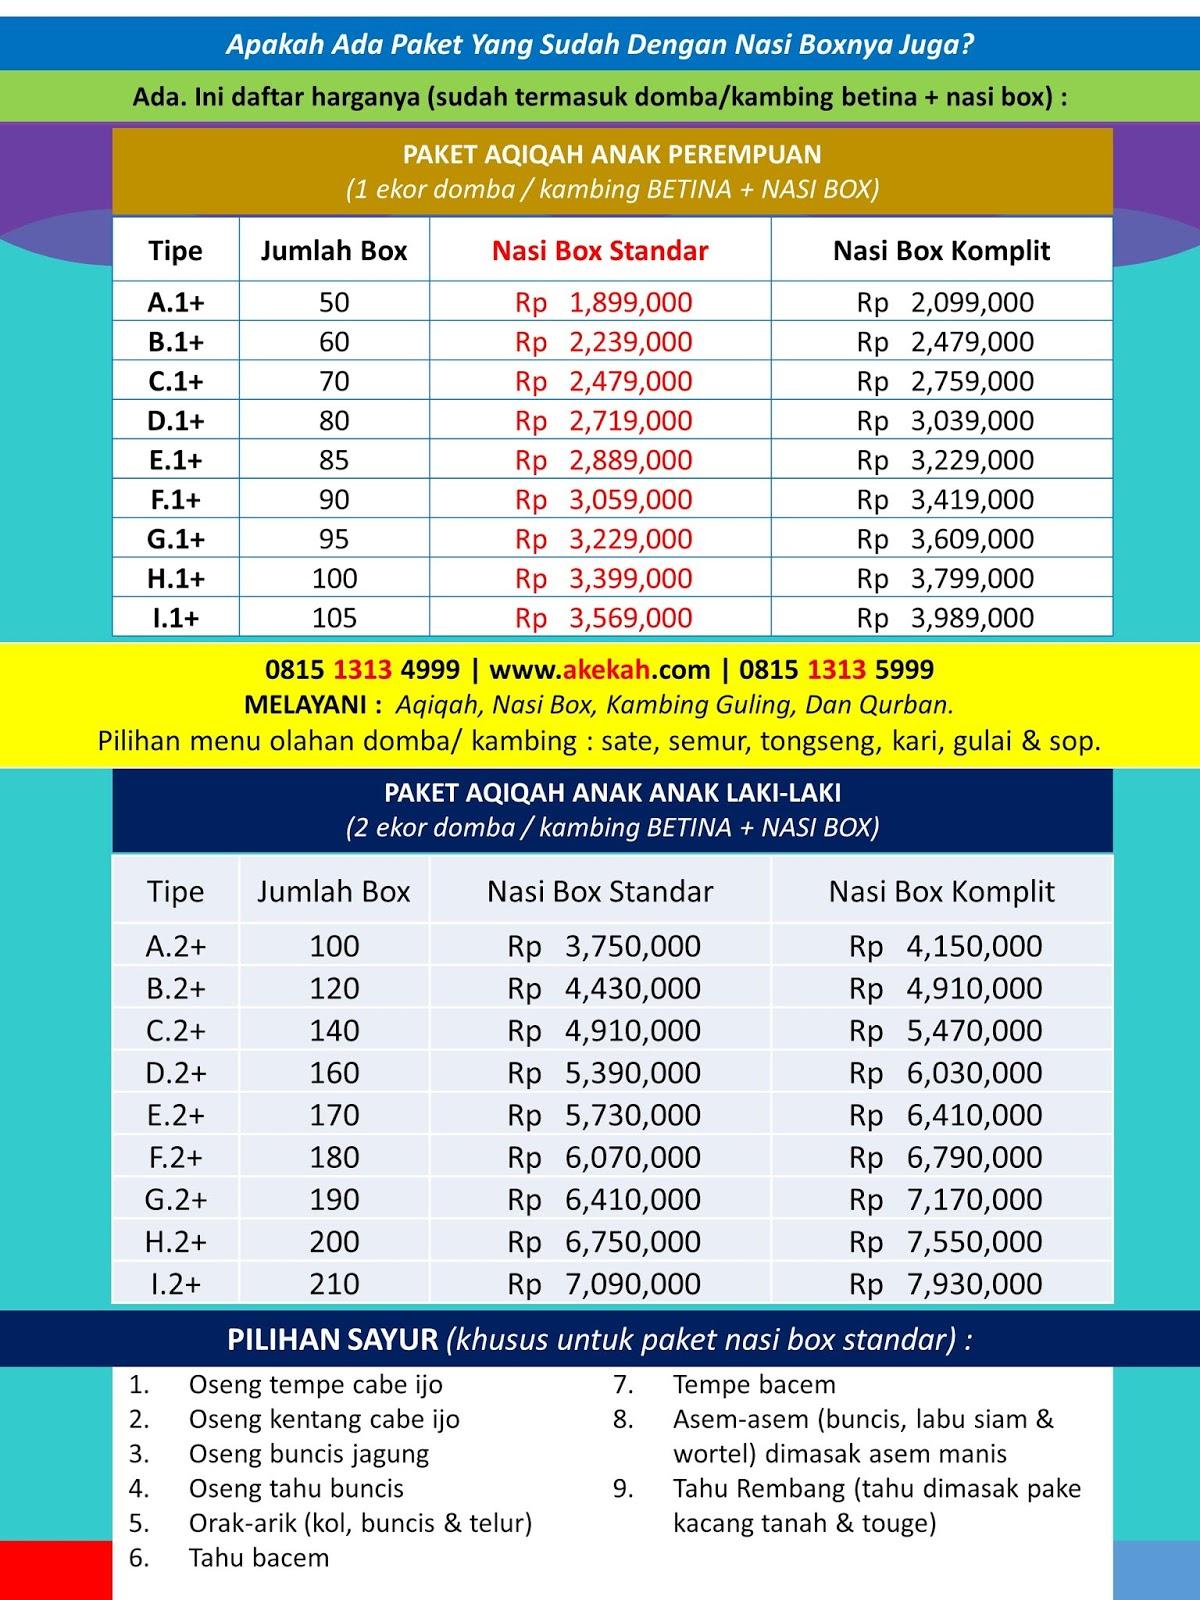 Harga Aqiqah & Catering Daerah Kecamatan Cibinong Bogor Jawa Barat